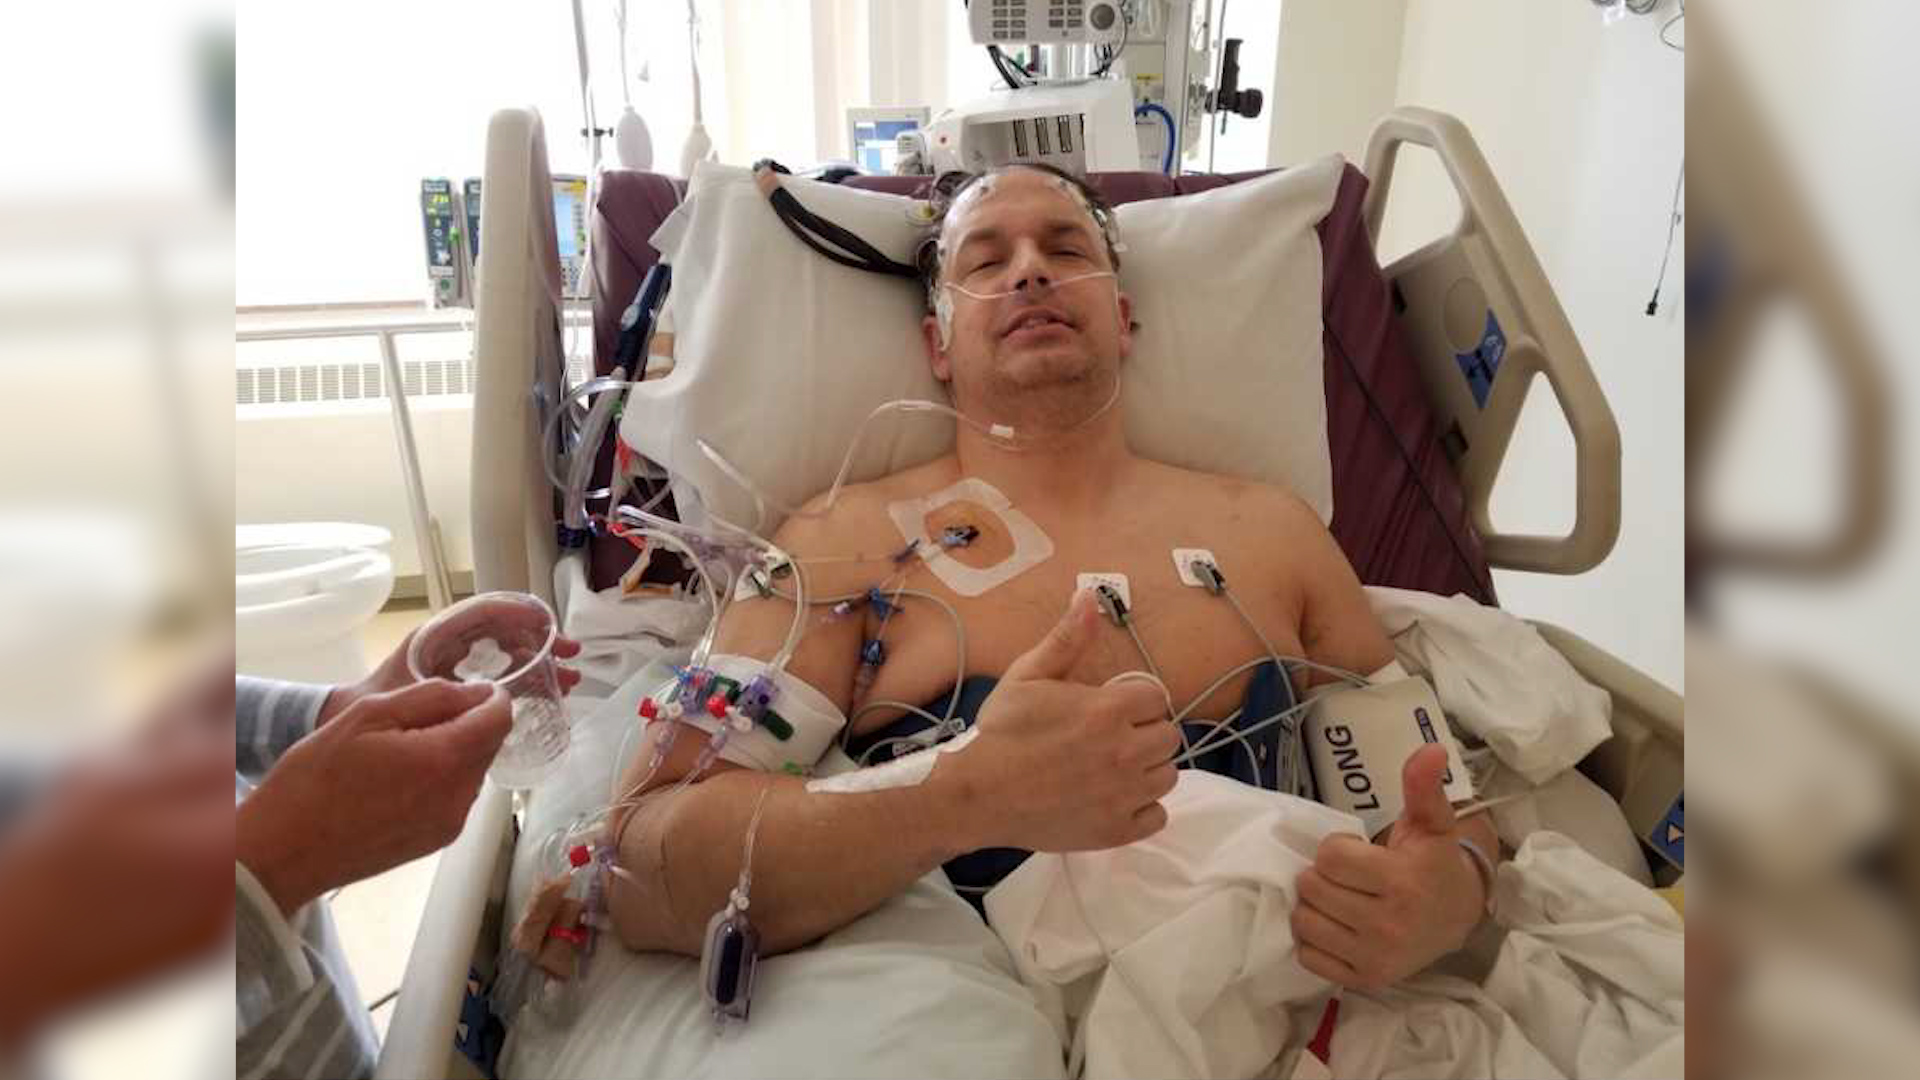 Po wypiciu energetyka trafił do szpitala